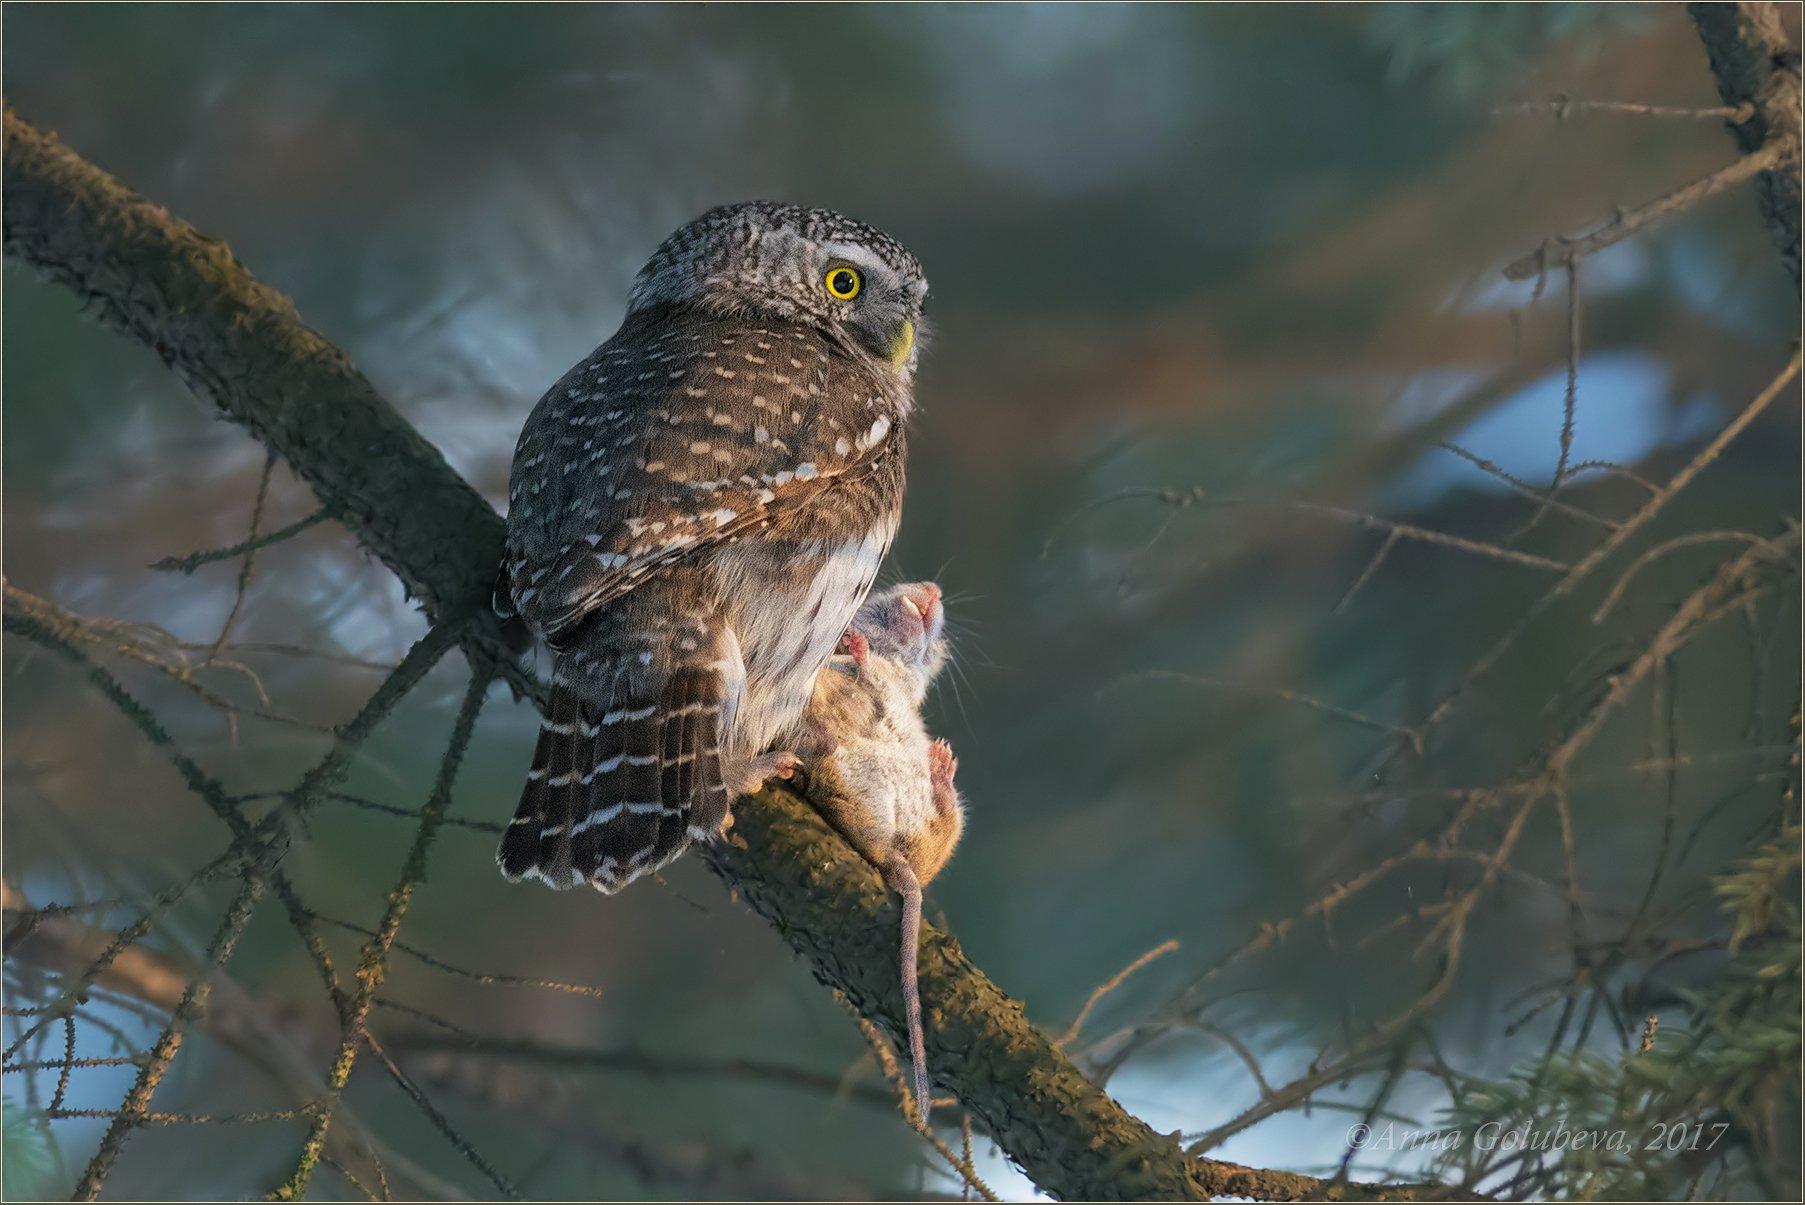 птицы, природа, сыч, glaucidium passerinum, pygmy owl, воробьиный сыч, зима, февраль, 2017, москва, гбс, Анна Голубева